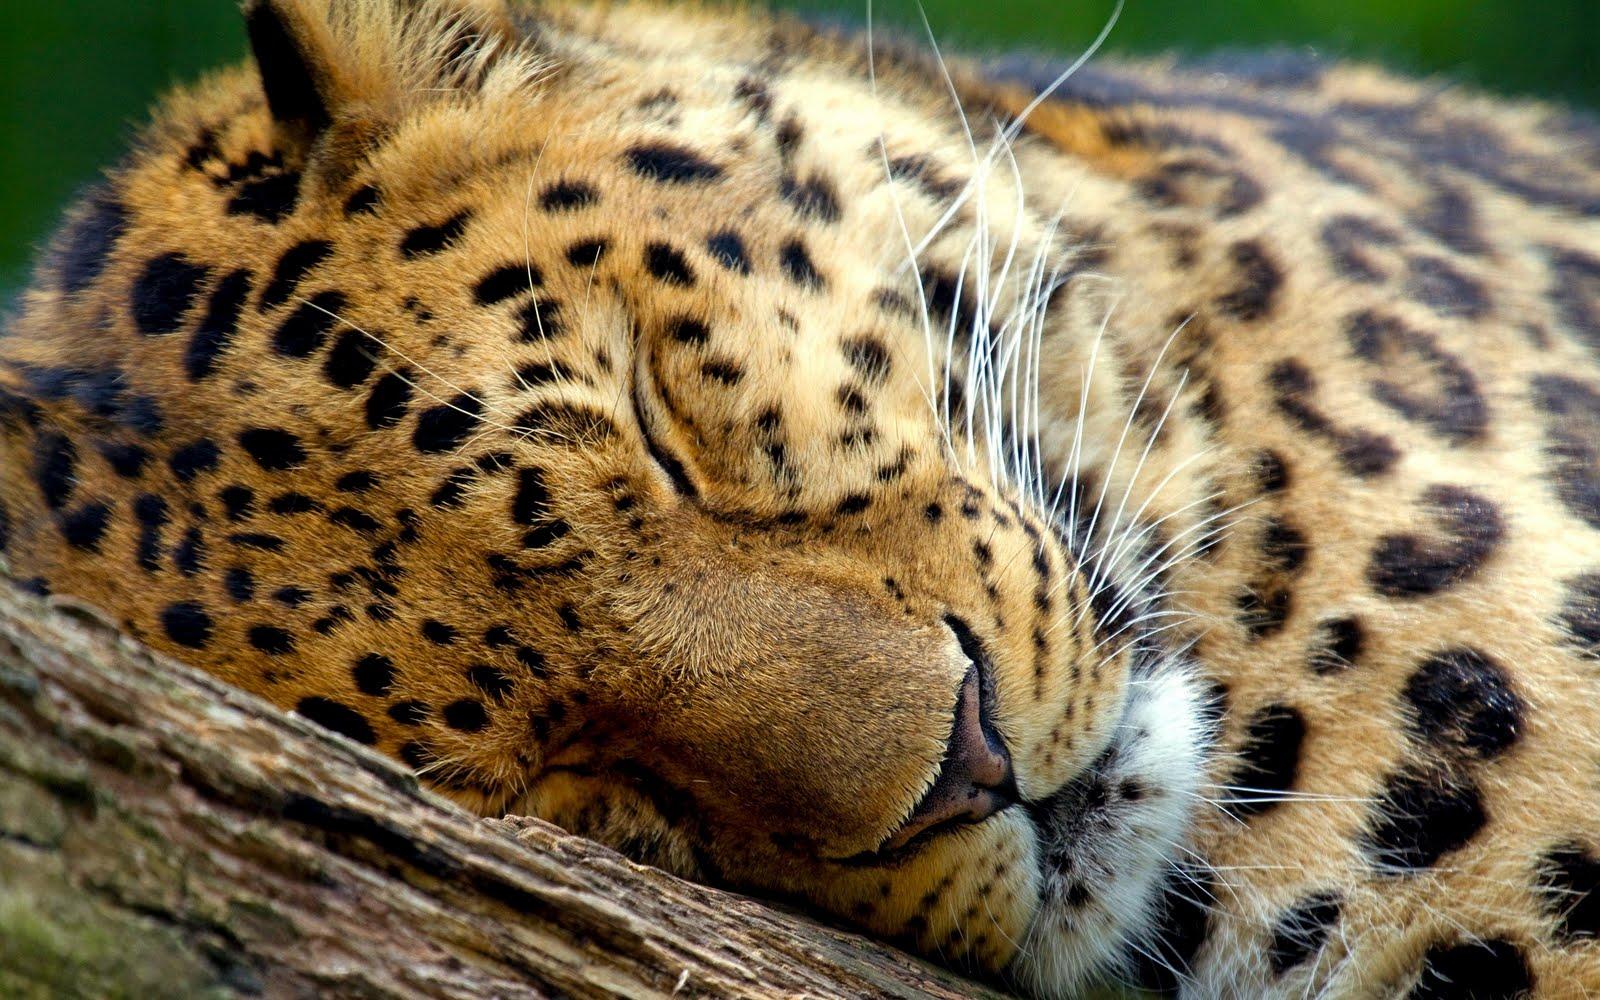 Sleeping Leopard HD Wallpapers Hd Wallpaper 1600x1000